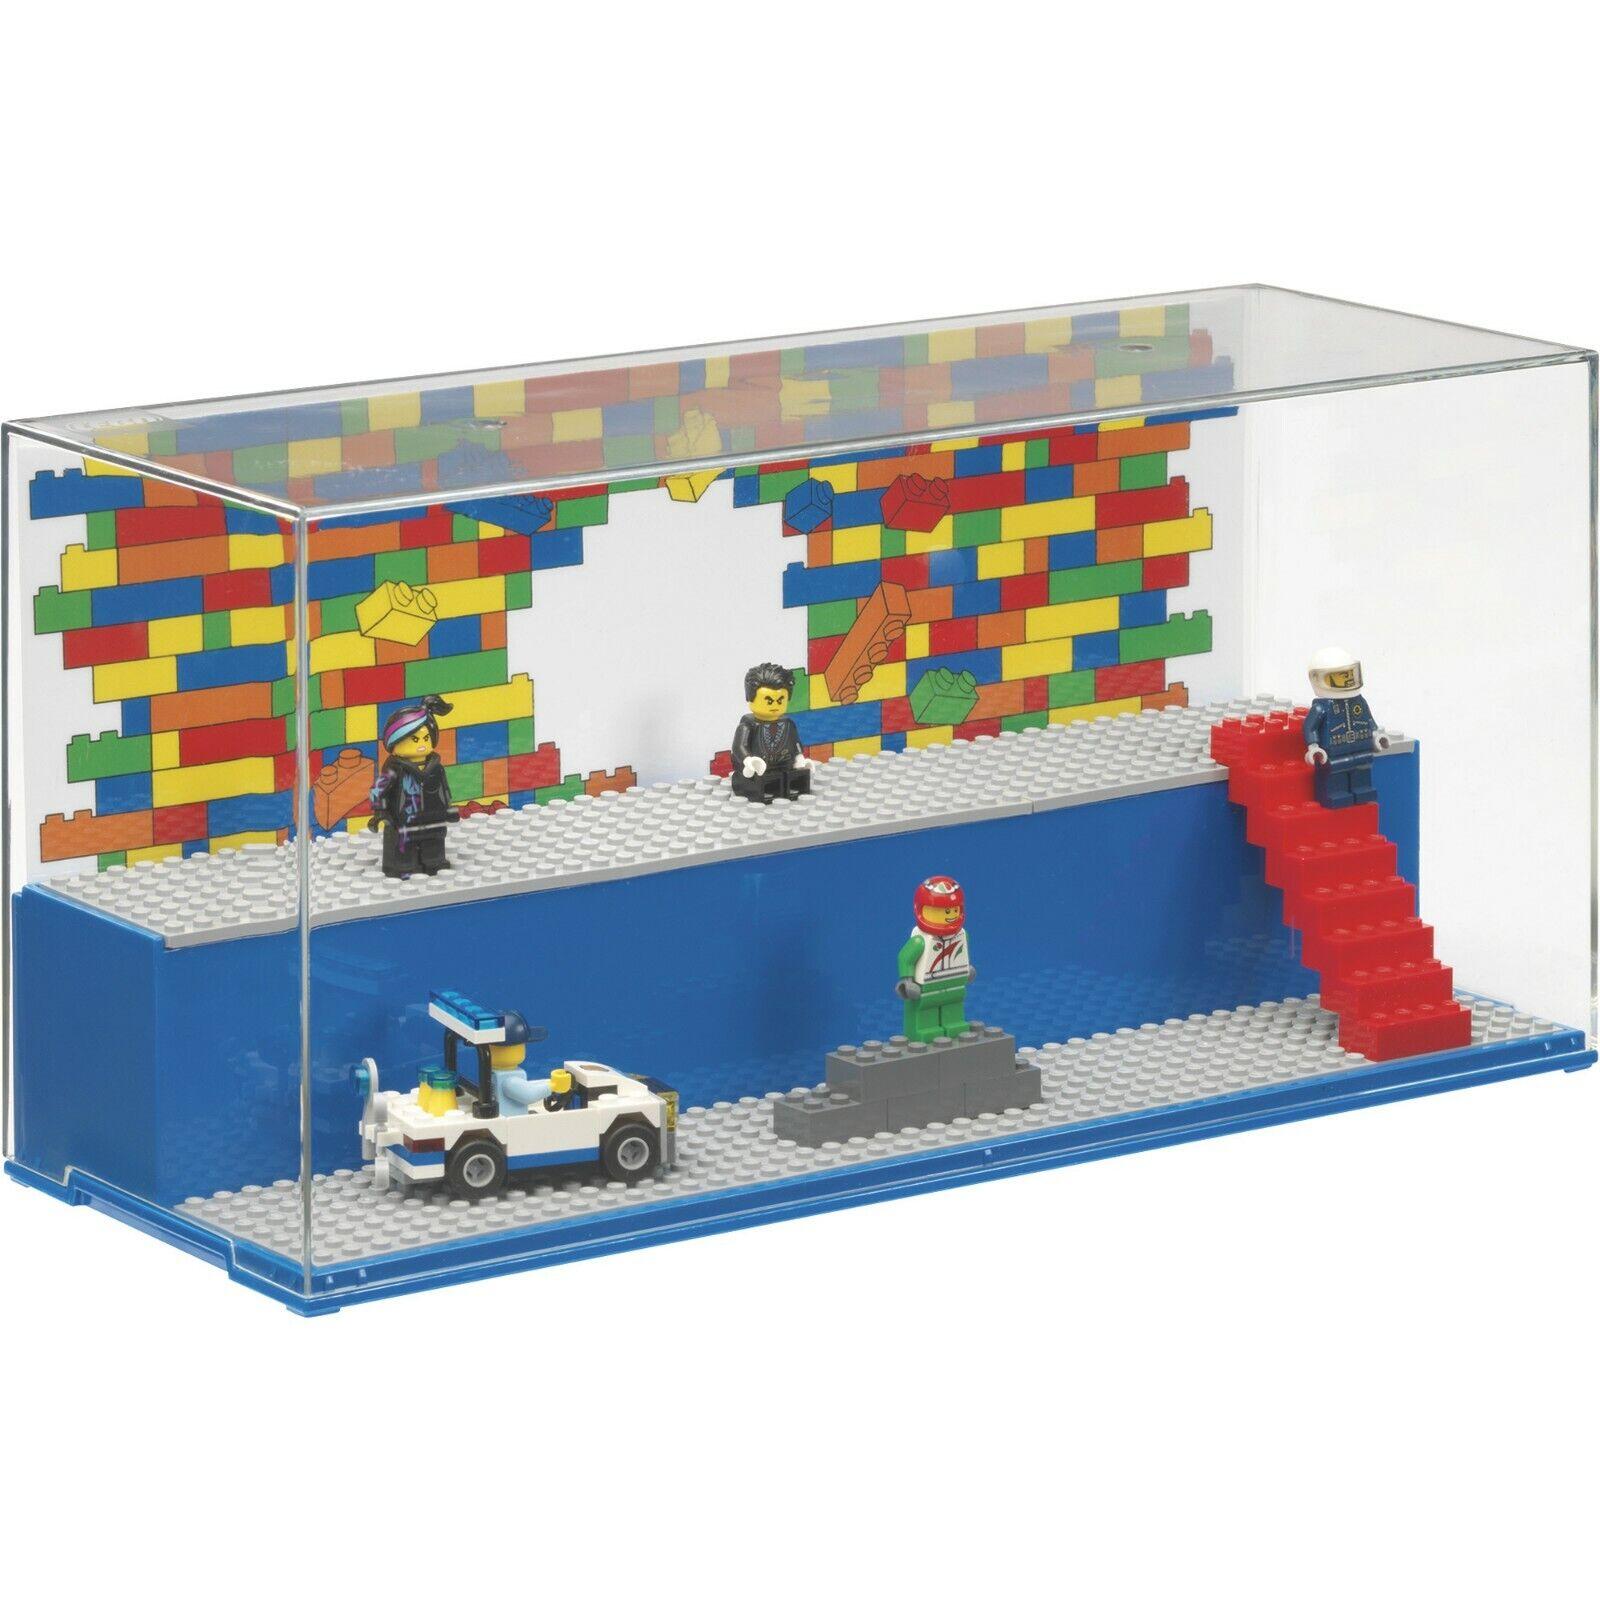 Lego red Gioco & Vetrina Esposizione Nuovo - 2 Livello Livello Livello Display Mini Personaggi 2929d6